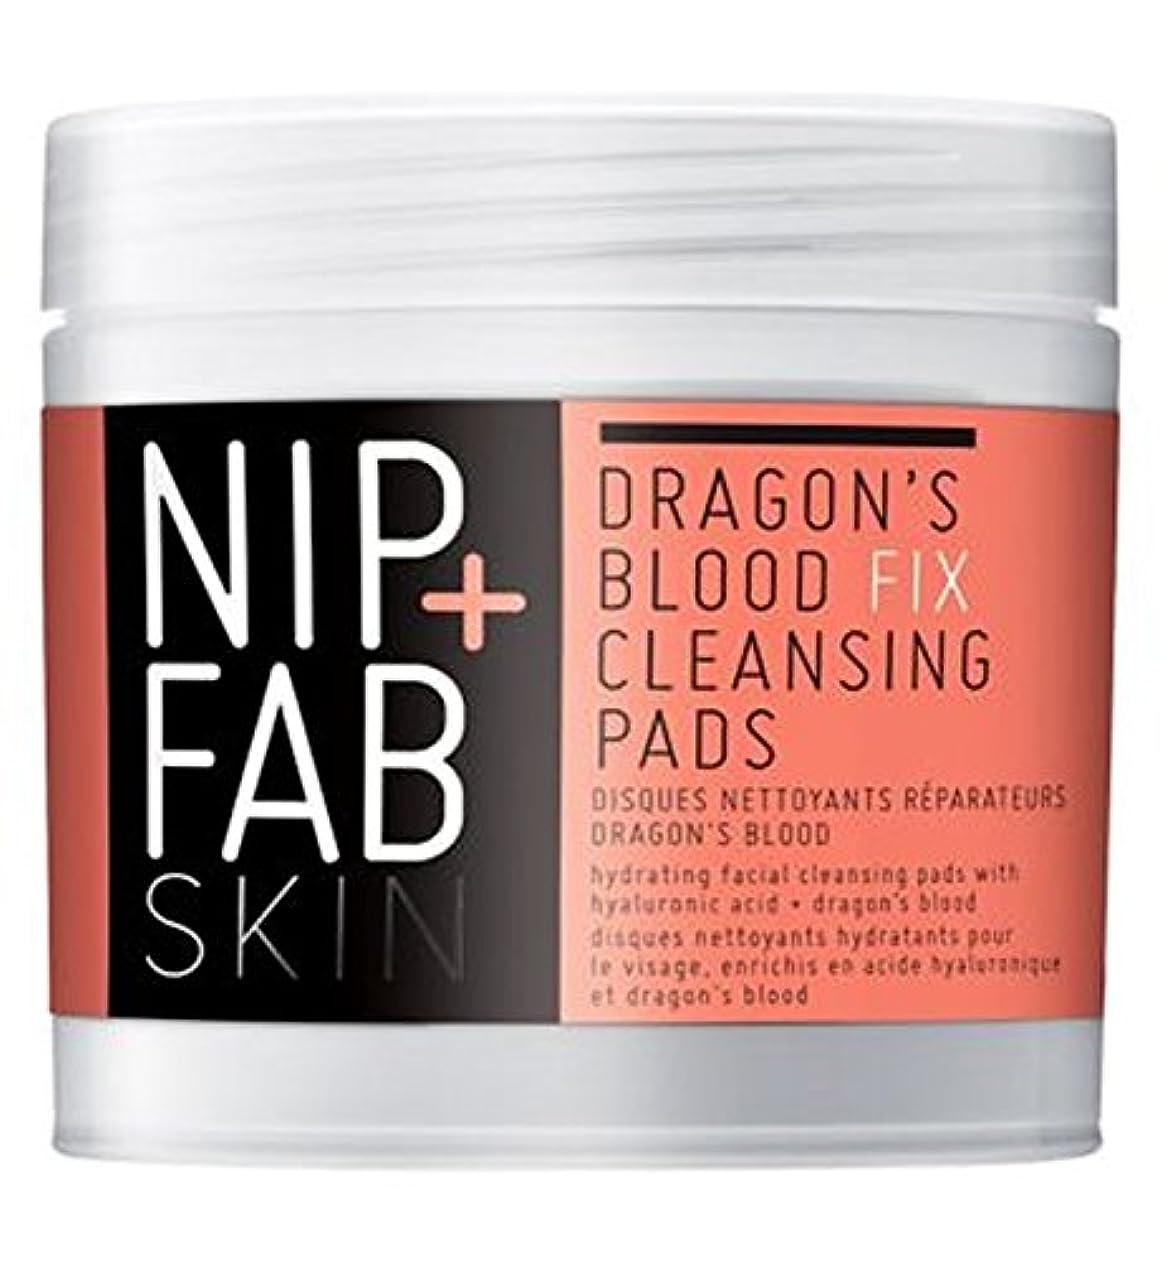 電話に出るアシスト無駄だ+ファブ竜の血修正パッド80ミリリットルニップ (Nip & Fab) (x2) - Nip+Fab Dragons Blood Fix Pads 80ml (Pack of 2) [並行輸入品]